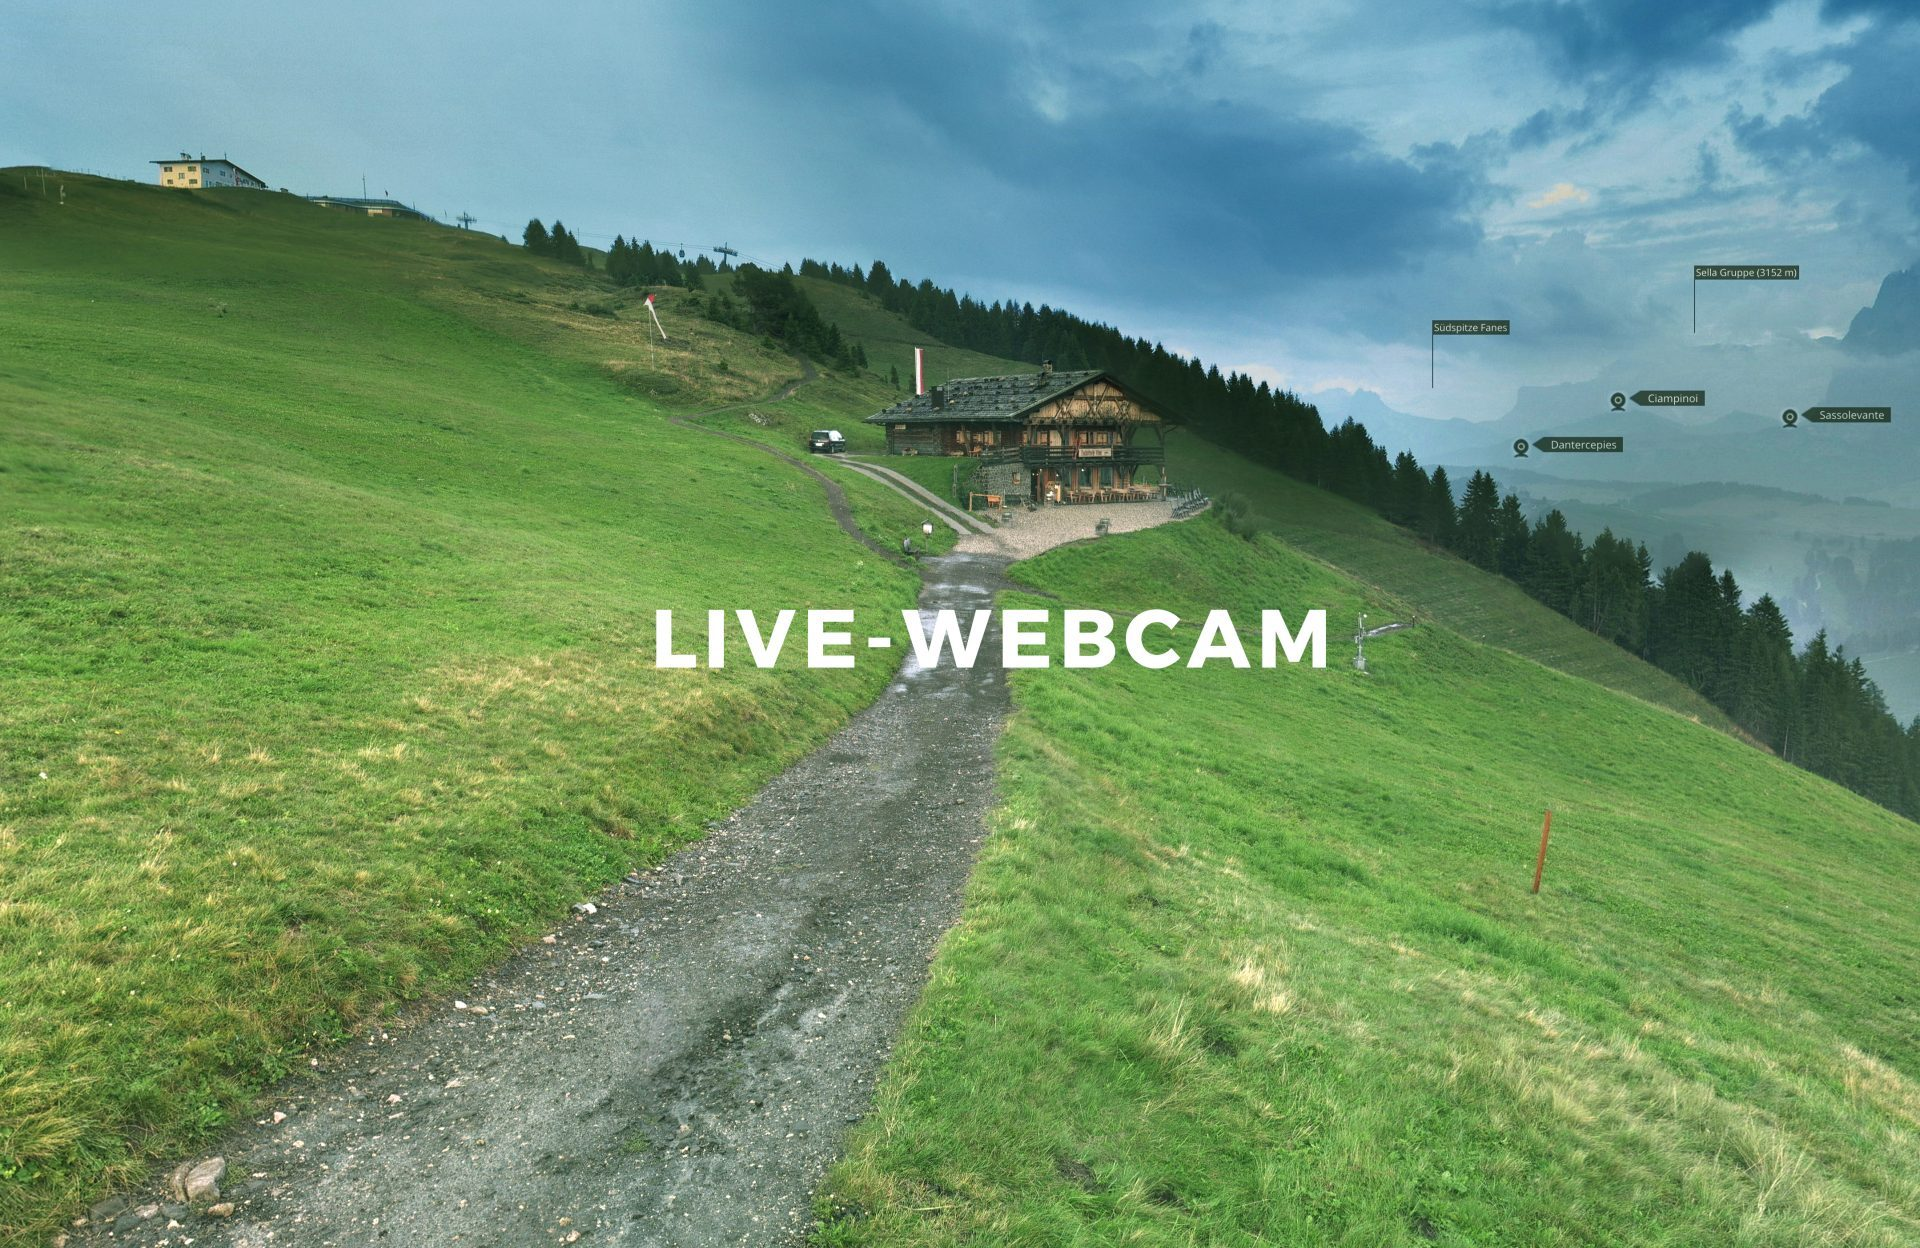 Webcam Seiser Alm